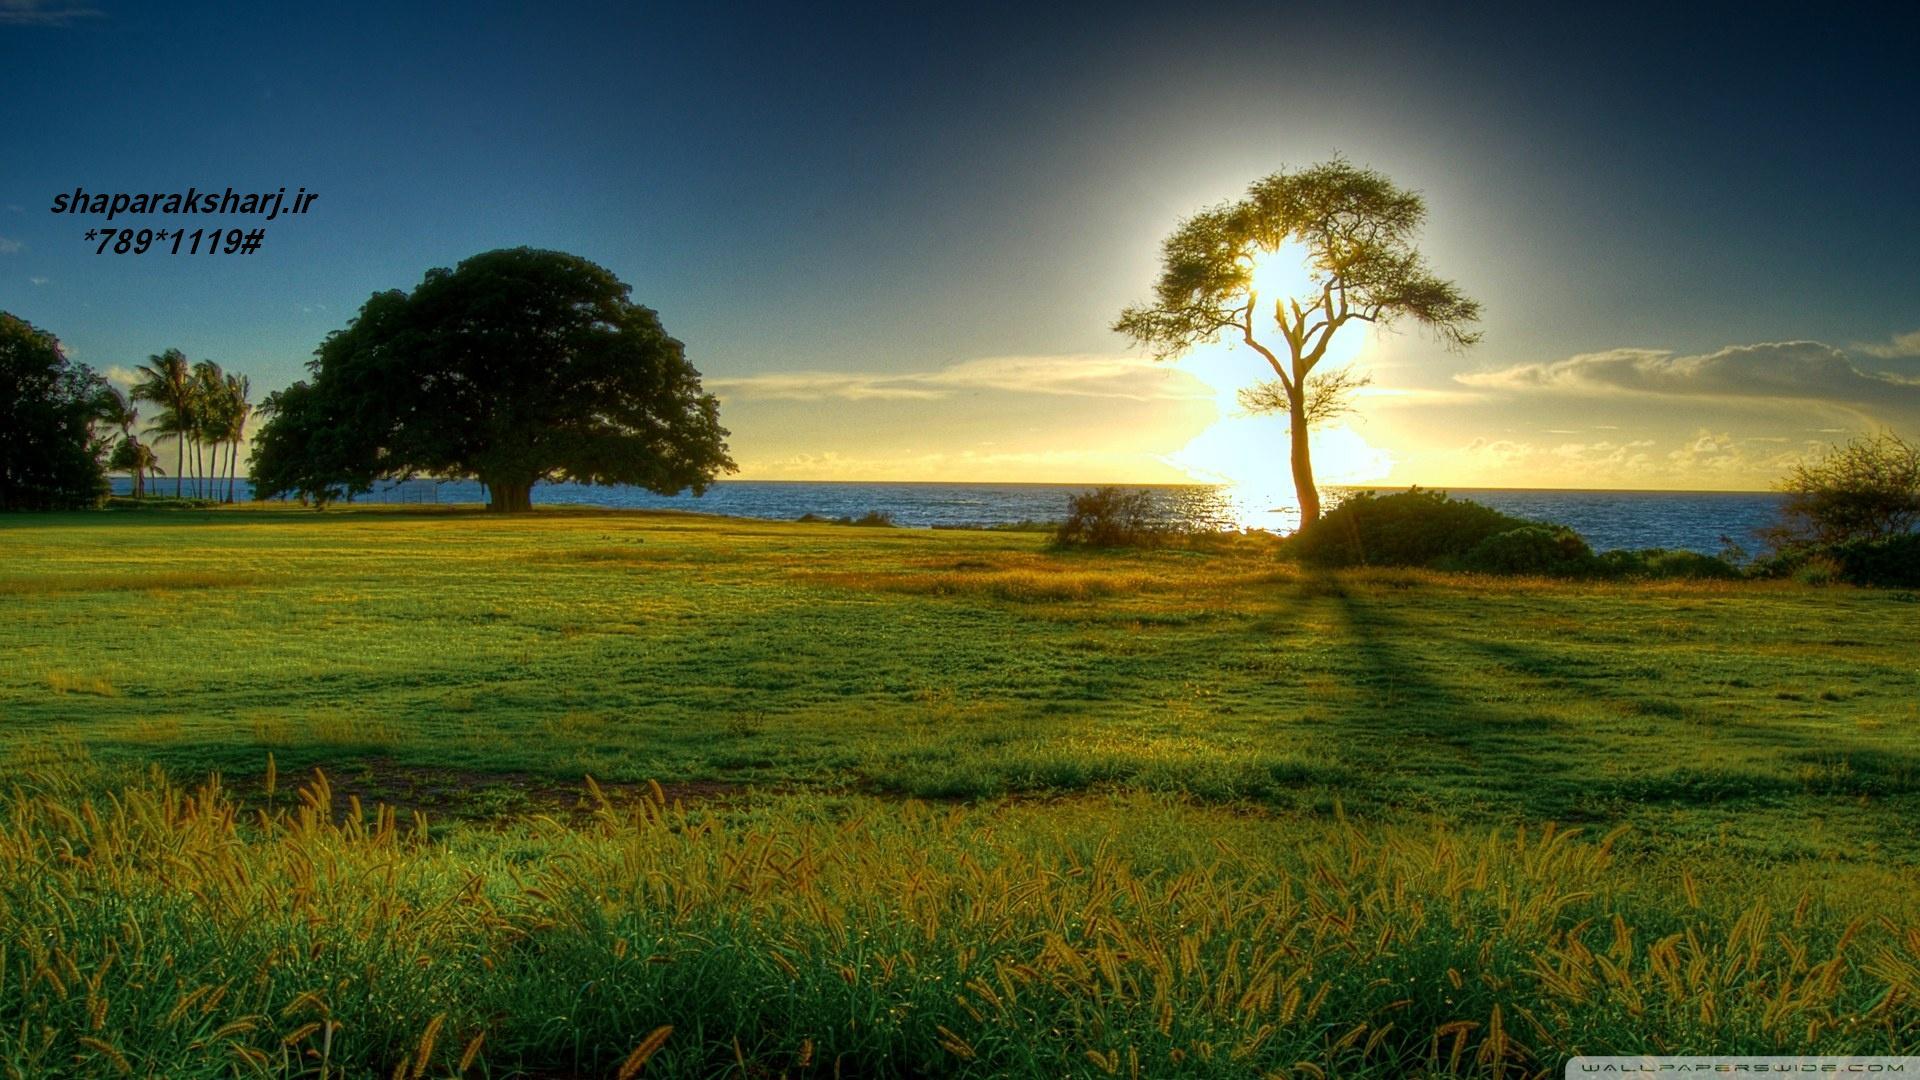 عکس-جالب-فنتزی-عاشقانه-طبیعت-زیبا